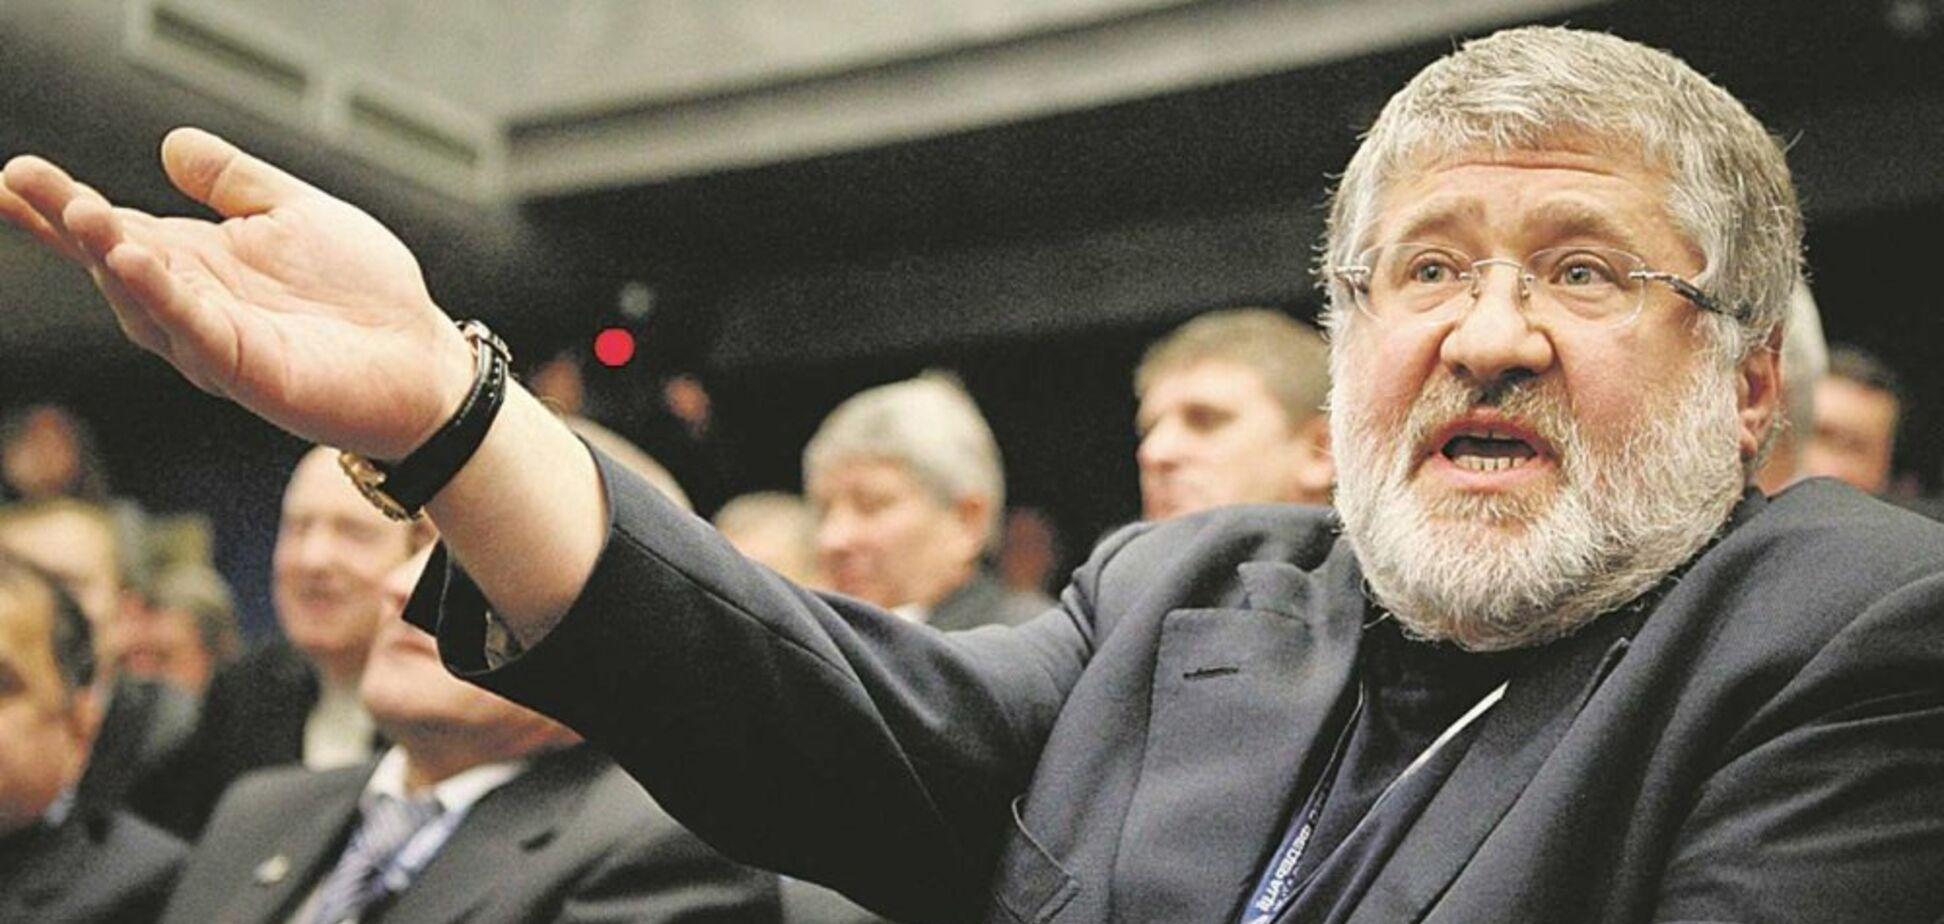 Коломойскому дали пожизненное: трибунал 'Л/ДНР' вынес 'приговор' 10 украинцам